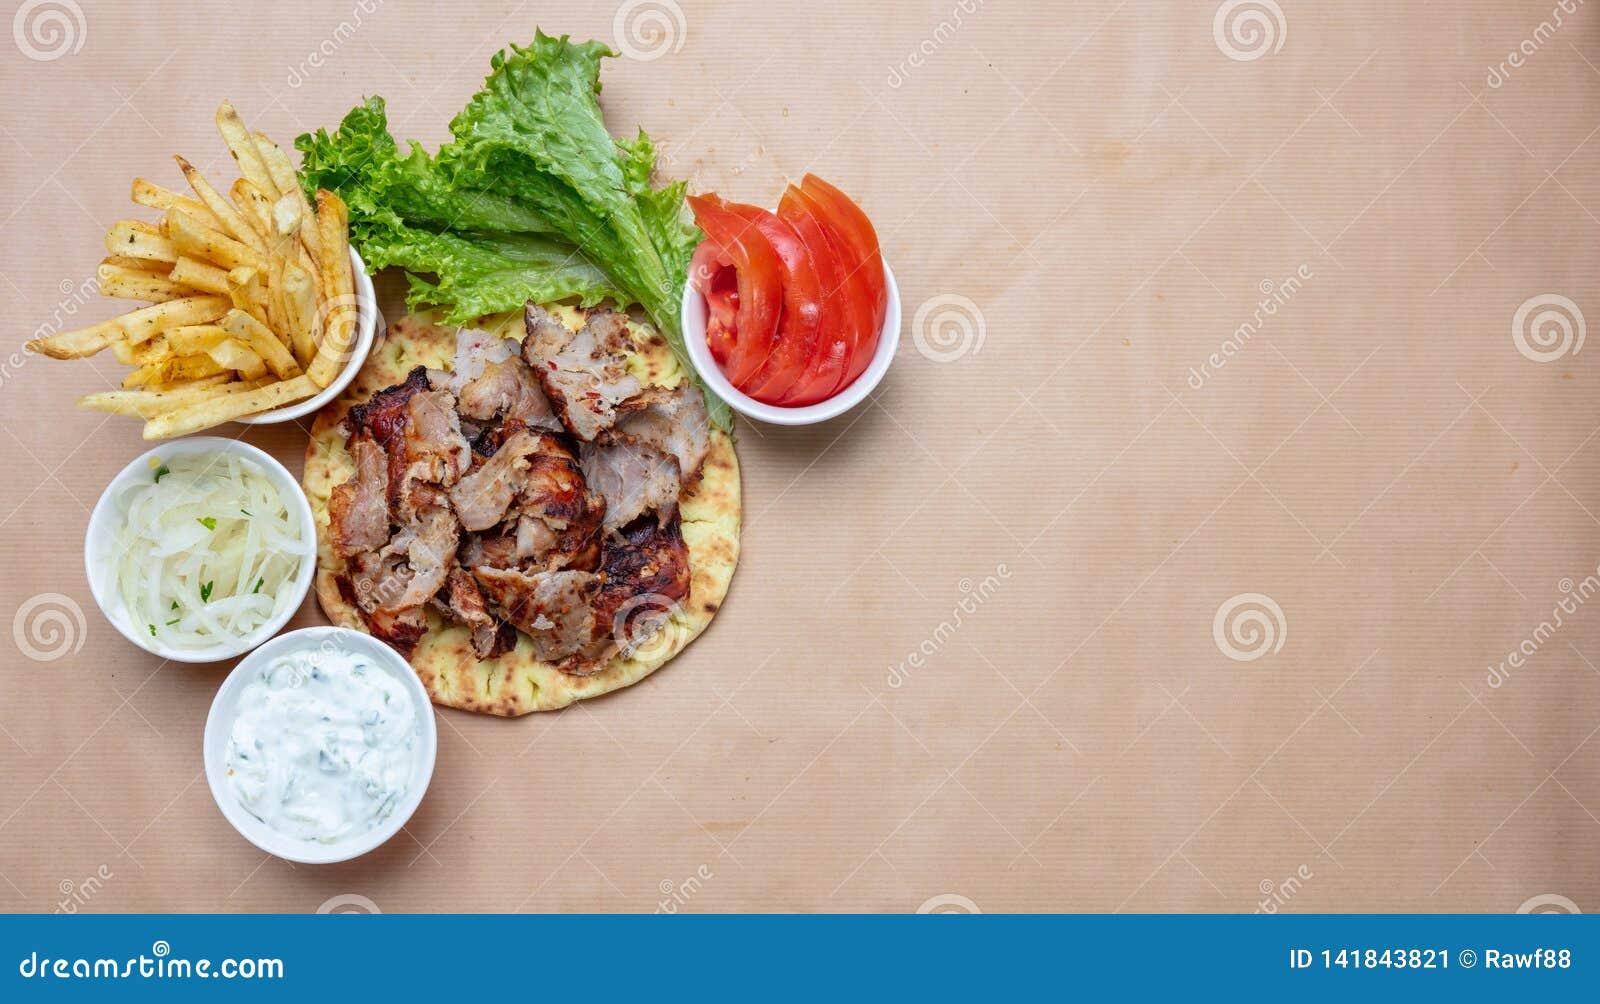 Shawarma,在皮塔饼面包、菜和tzatziki调味汁,顶视图的电罗经 传统土耳其语,希腊肉食物